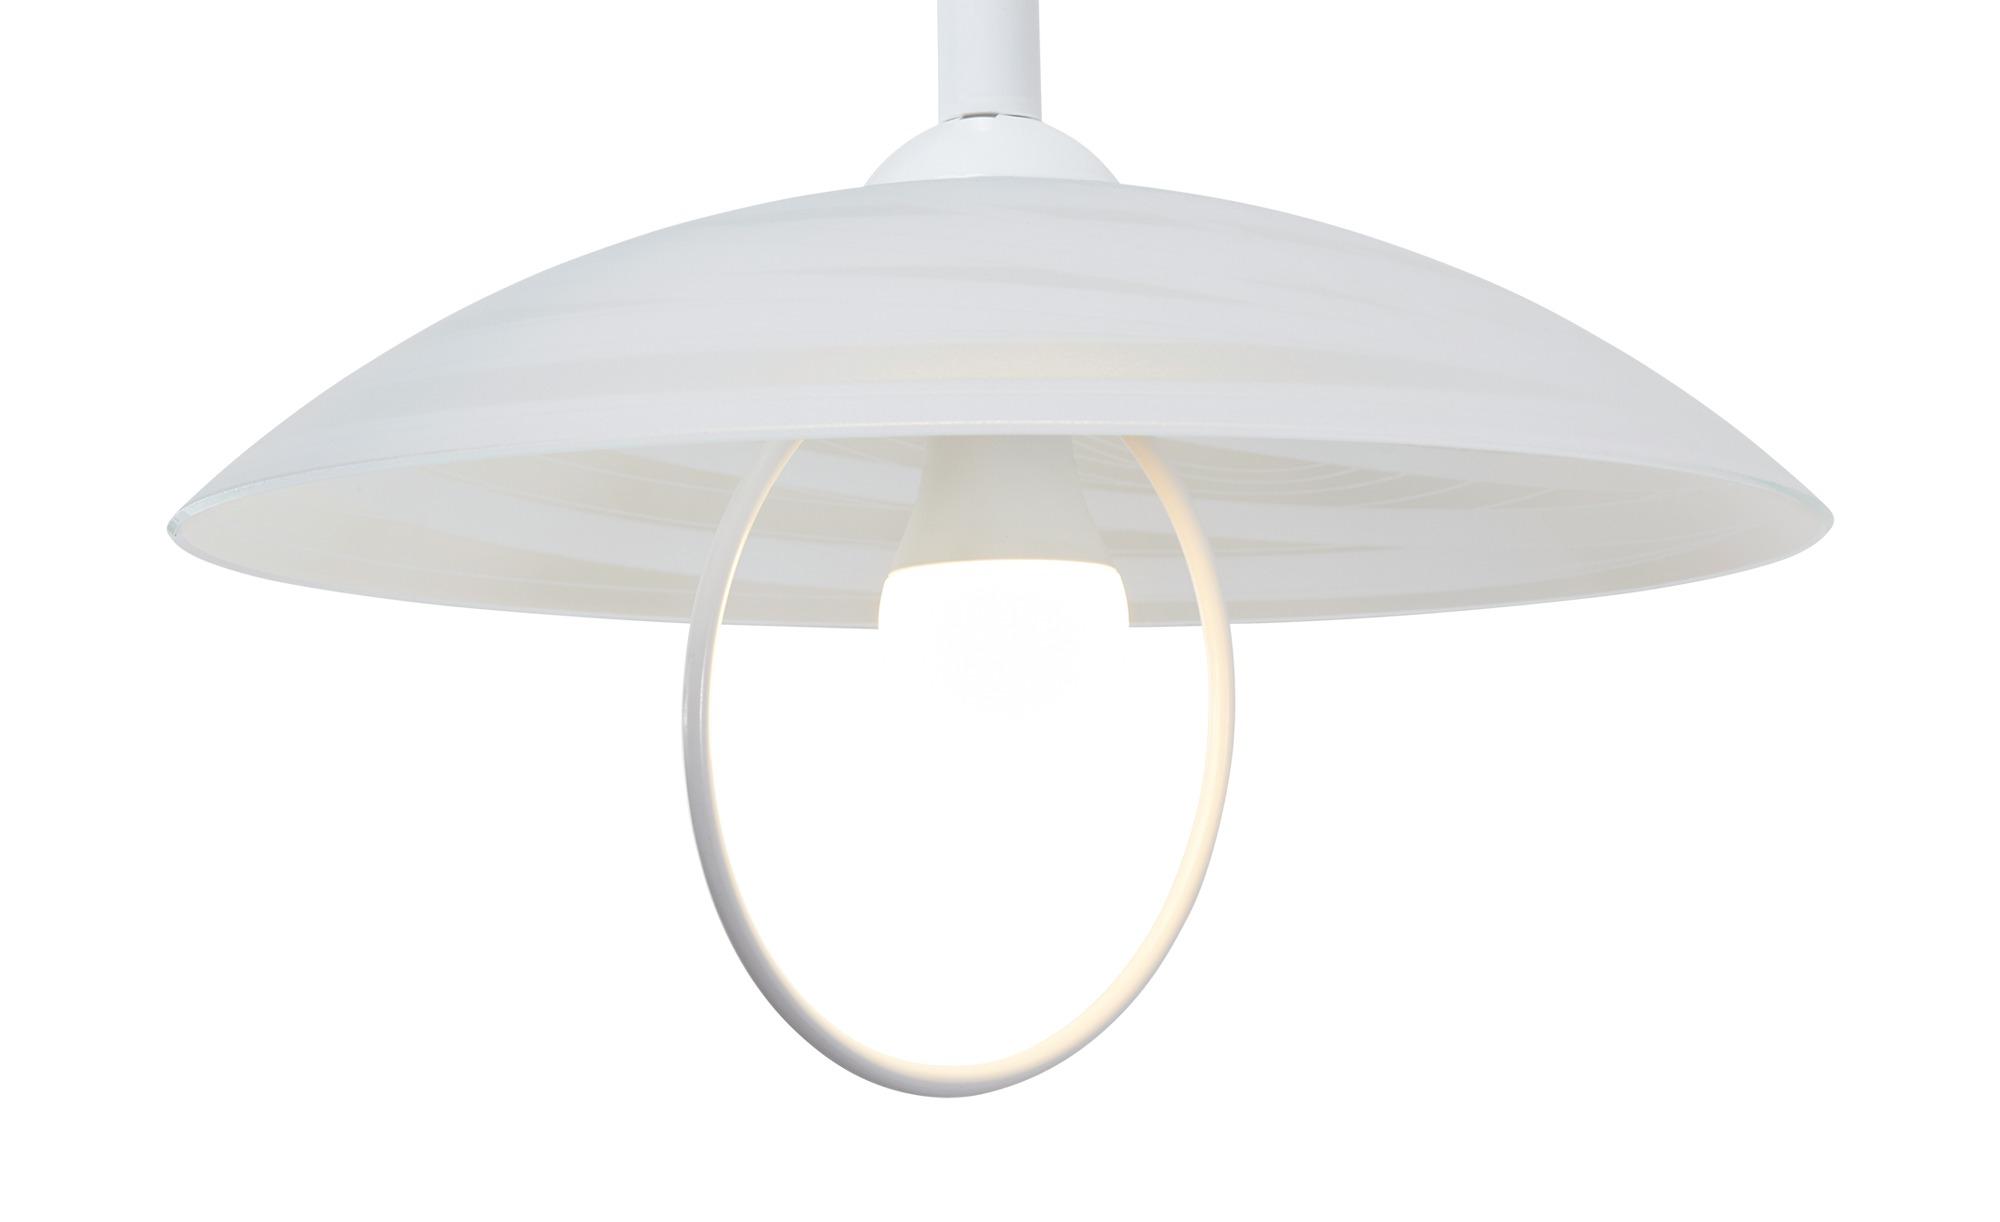 Küchenpendelleuchte, 1-flammig, weiß ¦ weiß ¦ Maße (cm): H: 100 Ø: 40 Lampen & Leuchten > Innenleuchten > Pendelleuchten - Höffner